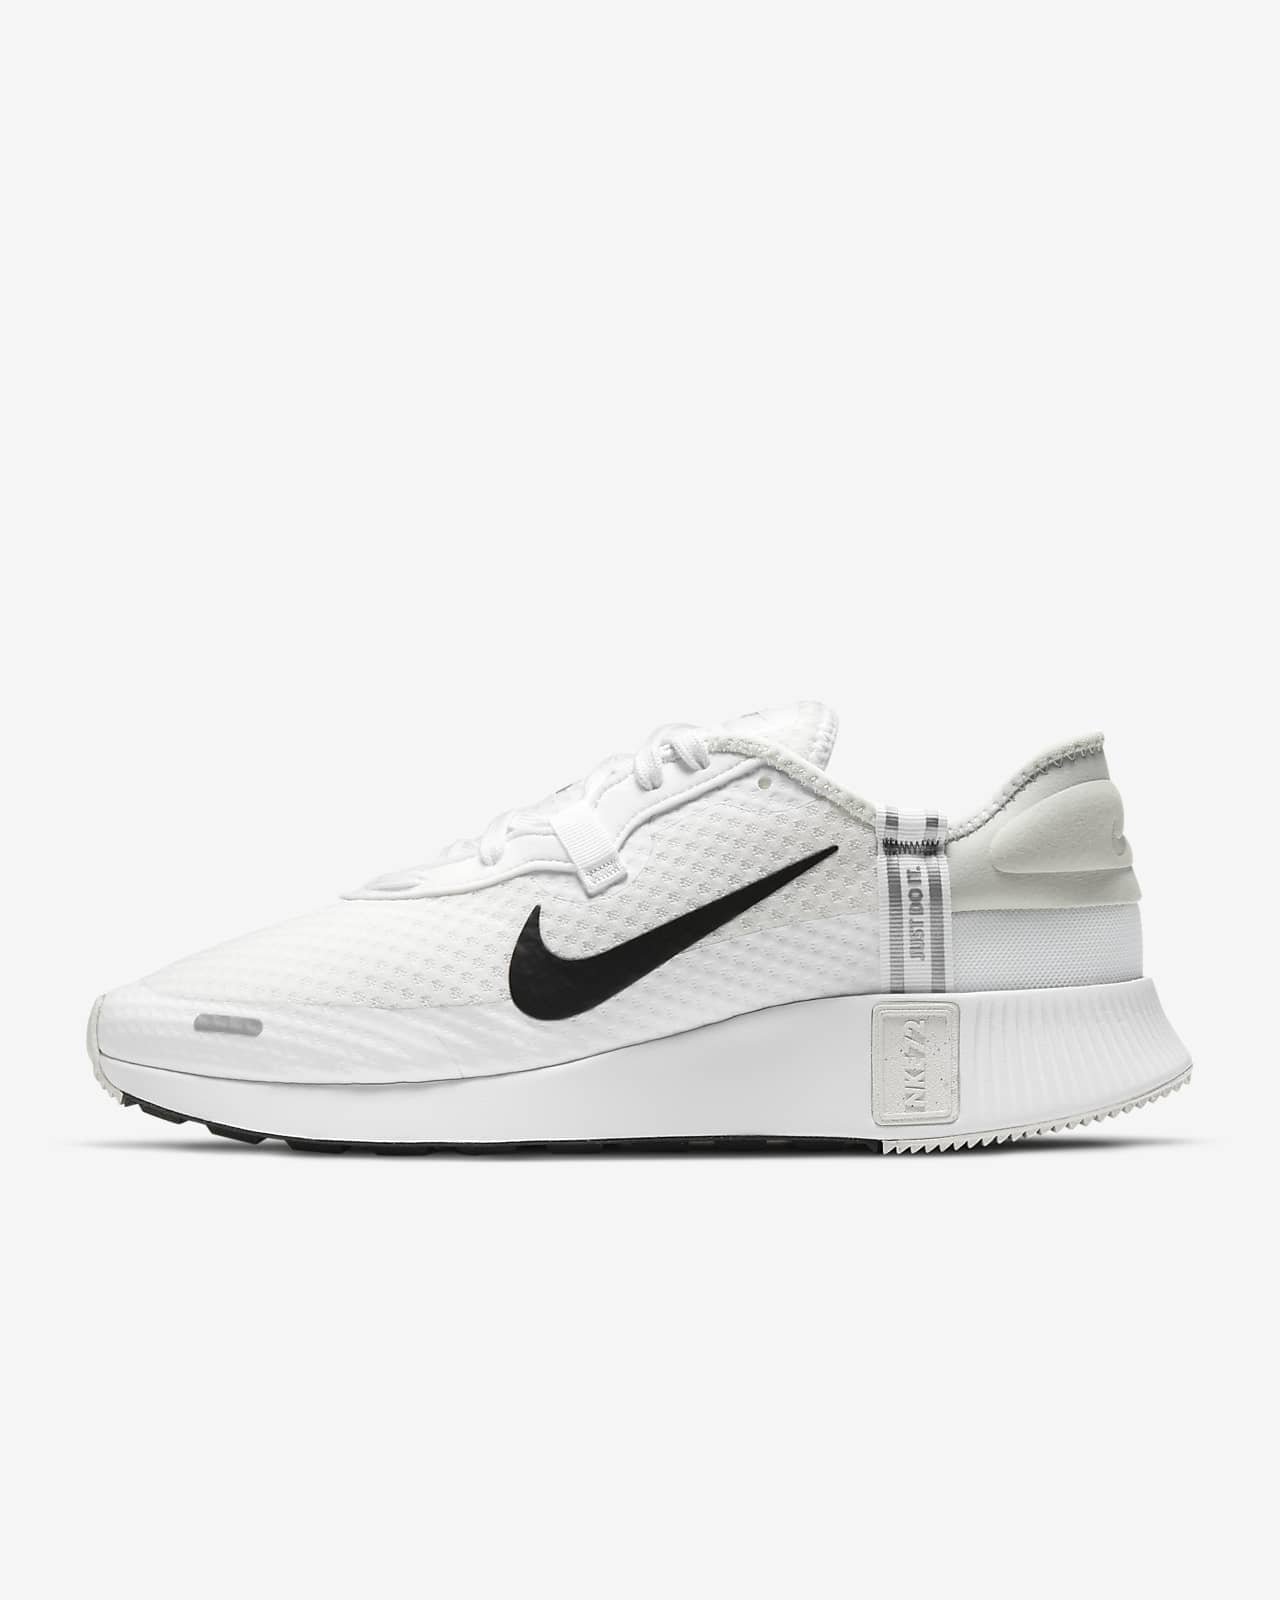 Sapatilhas Nike Reposto para homem